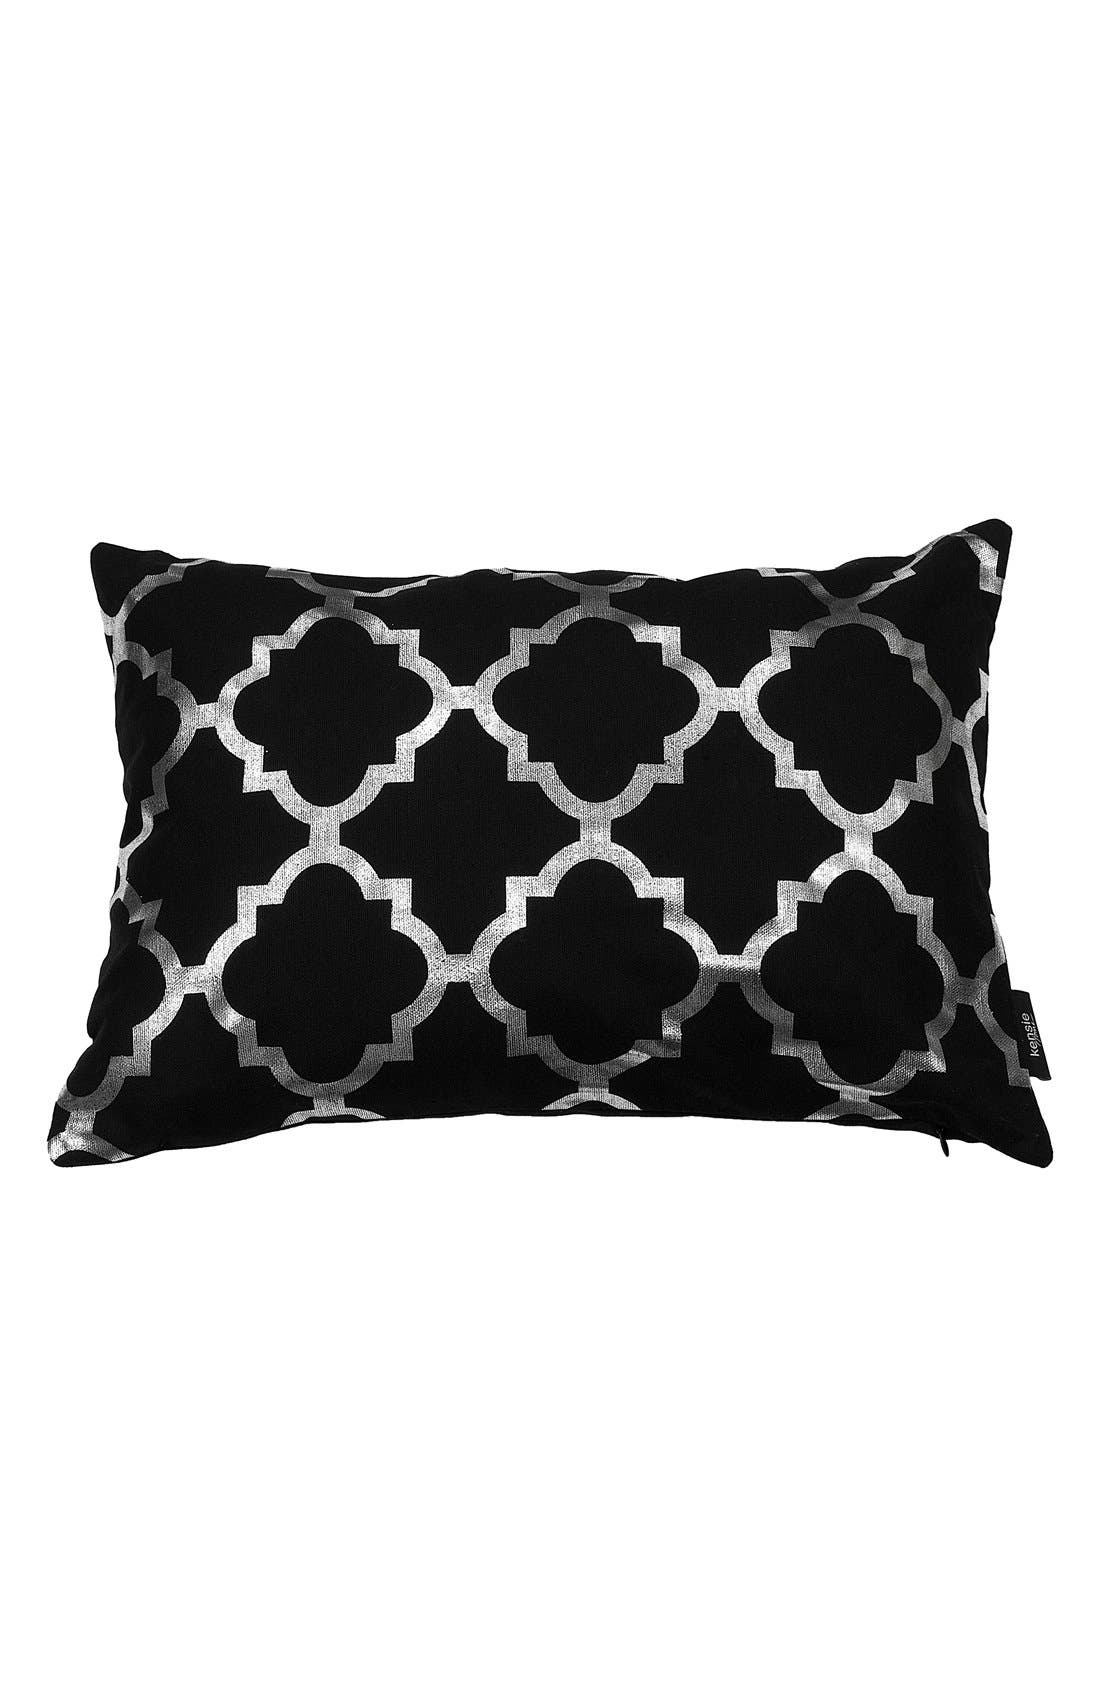 'Holly' Metallic Lattice Pillow,                         Main,                         color, Black/ Silver